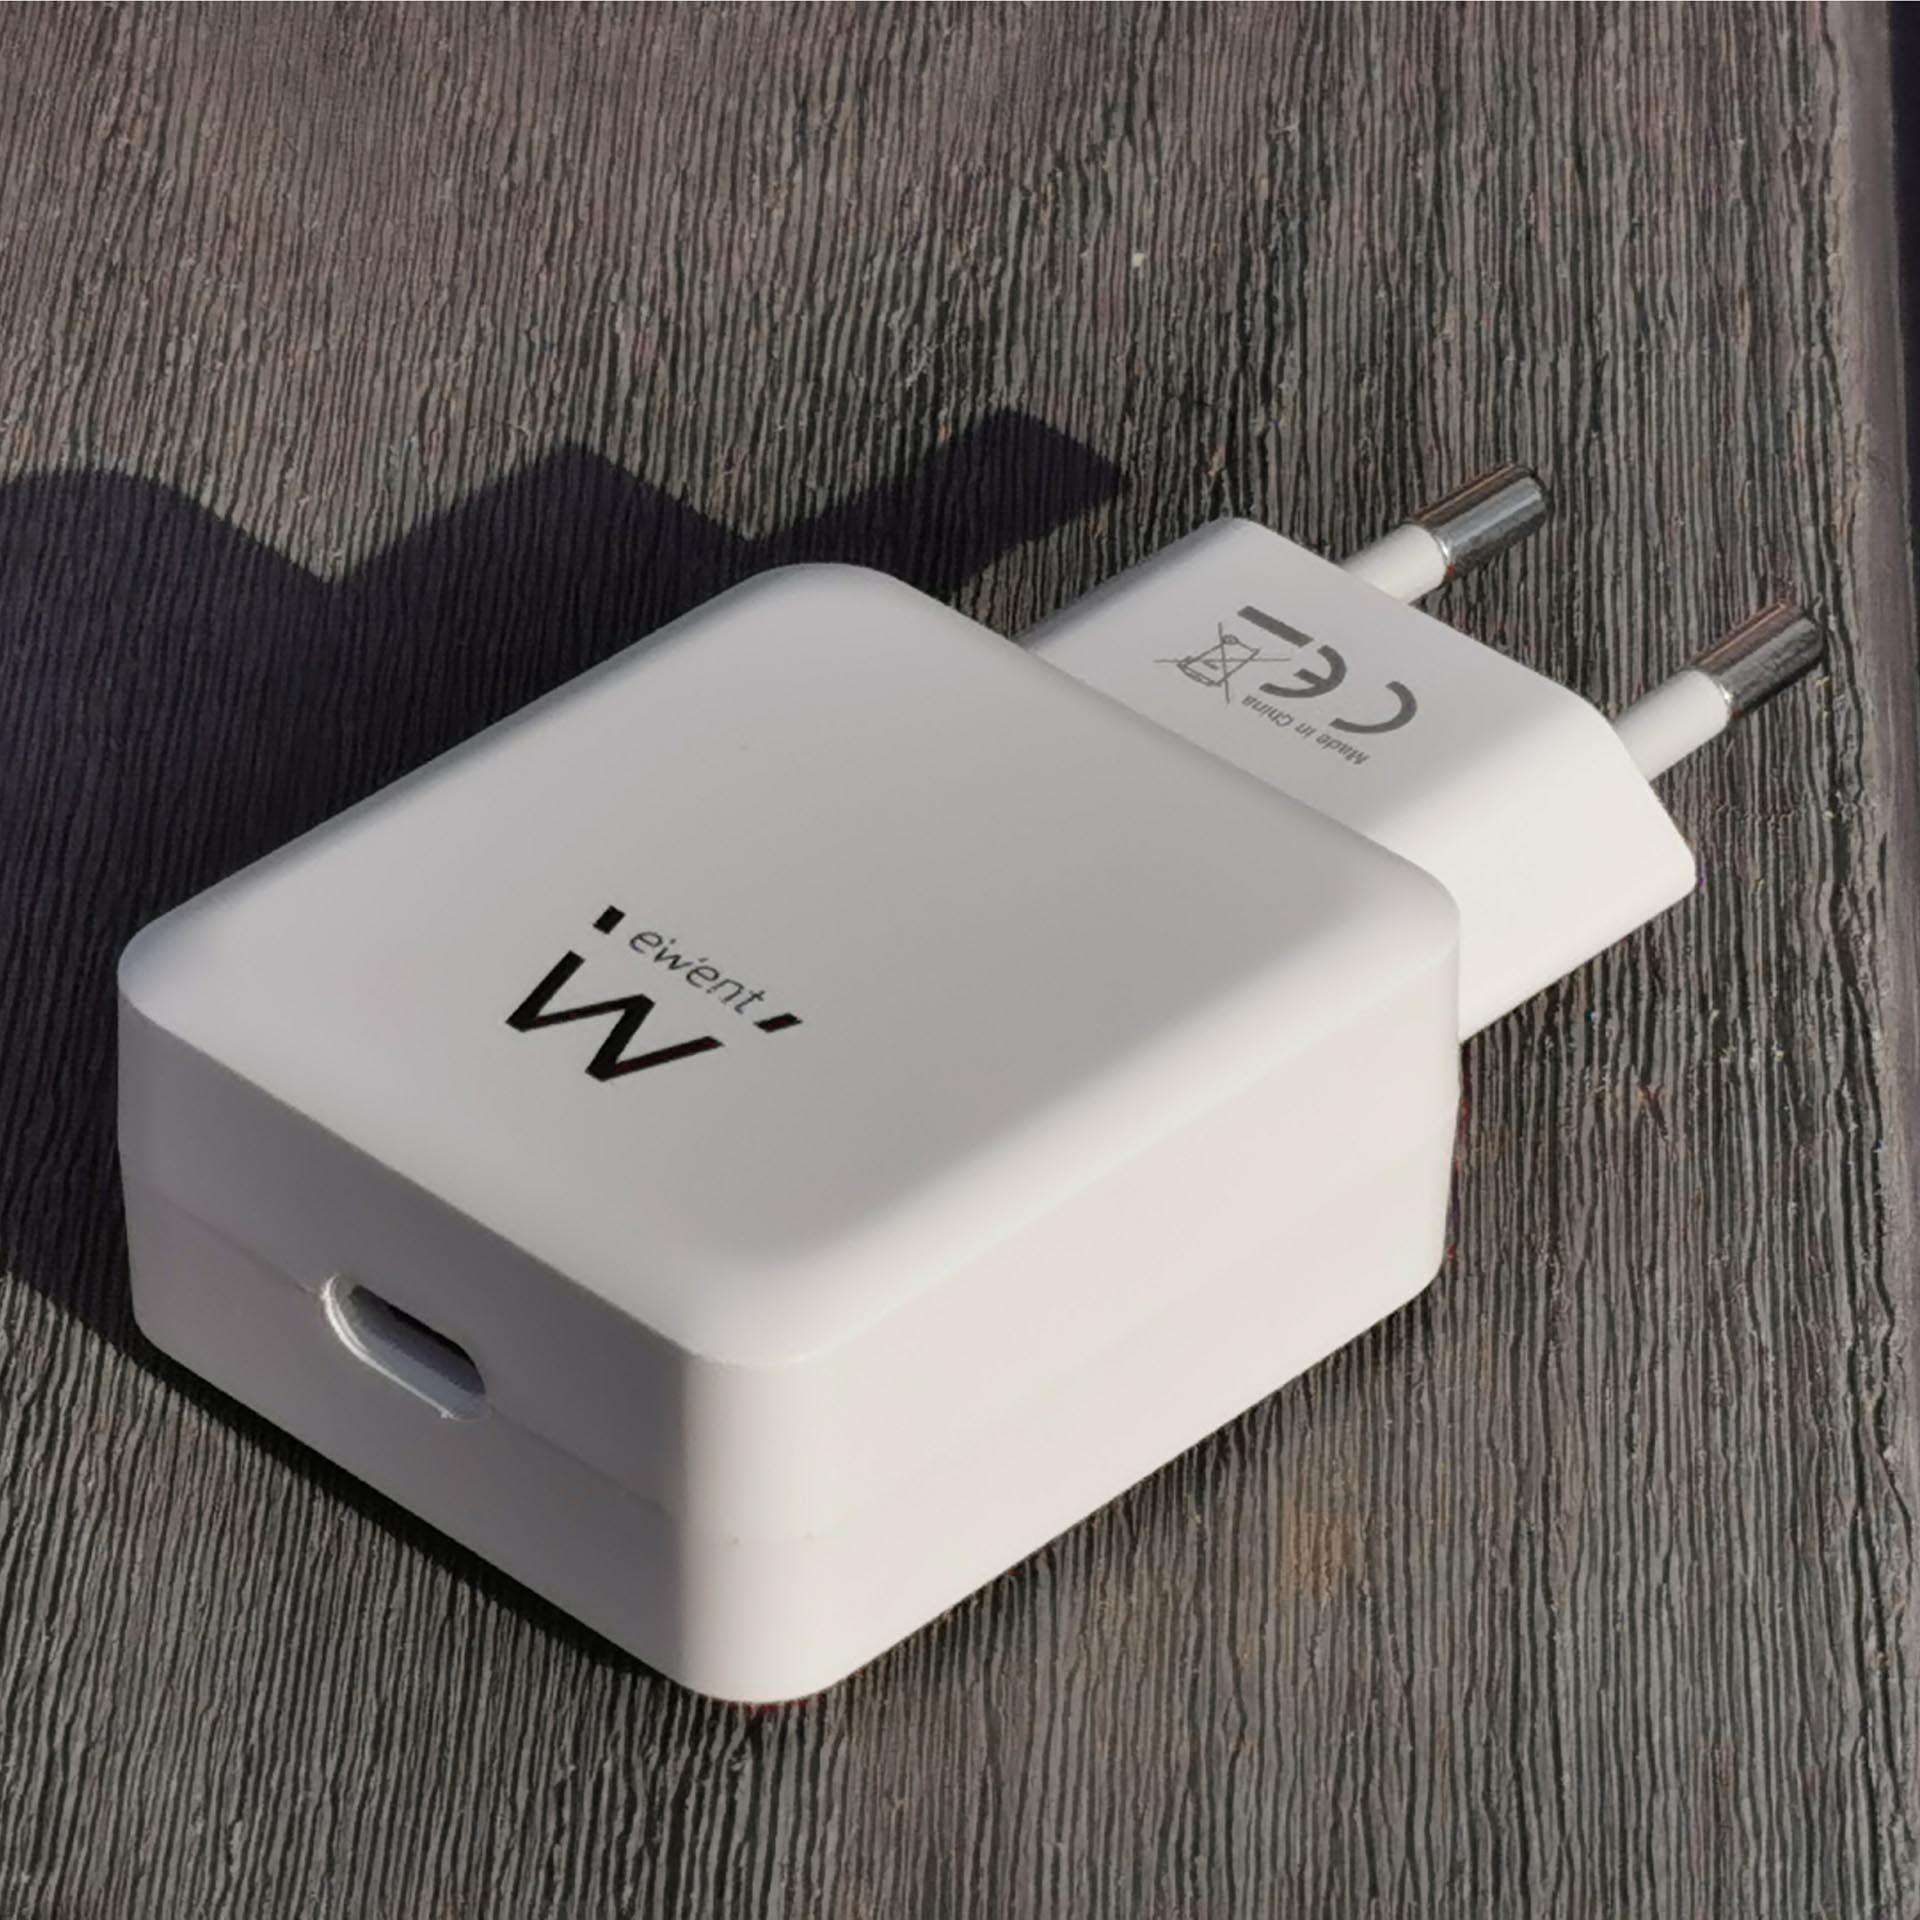 Ewent USB-C Charger EW1315 IMG_20191005_162648